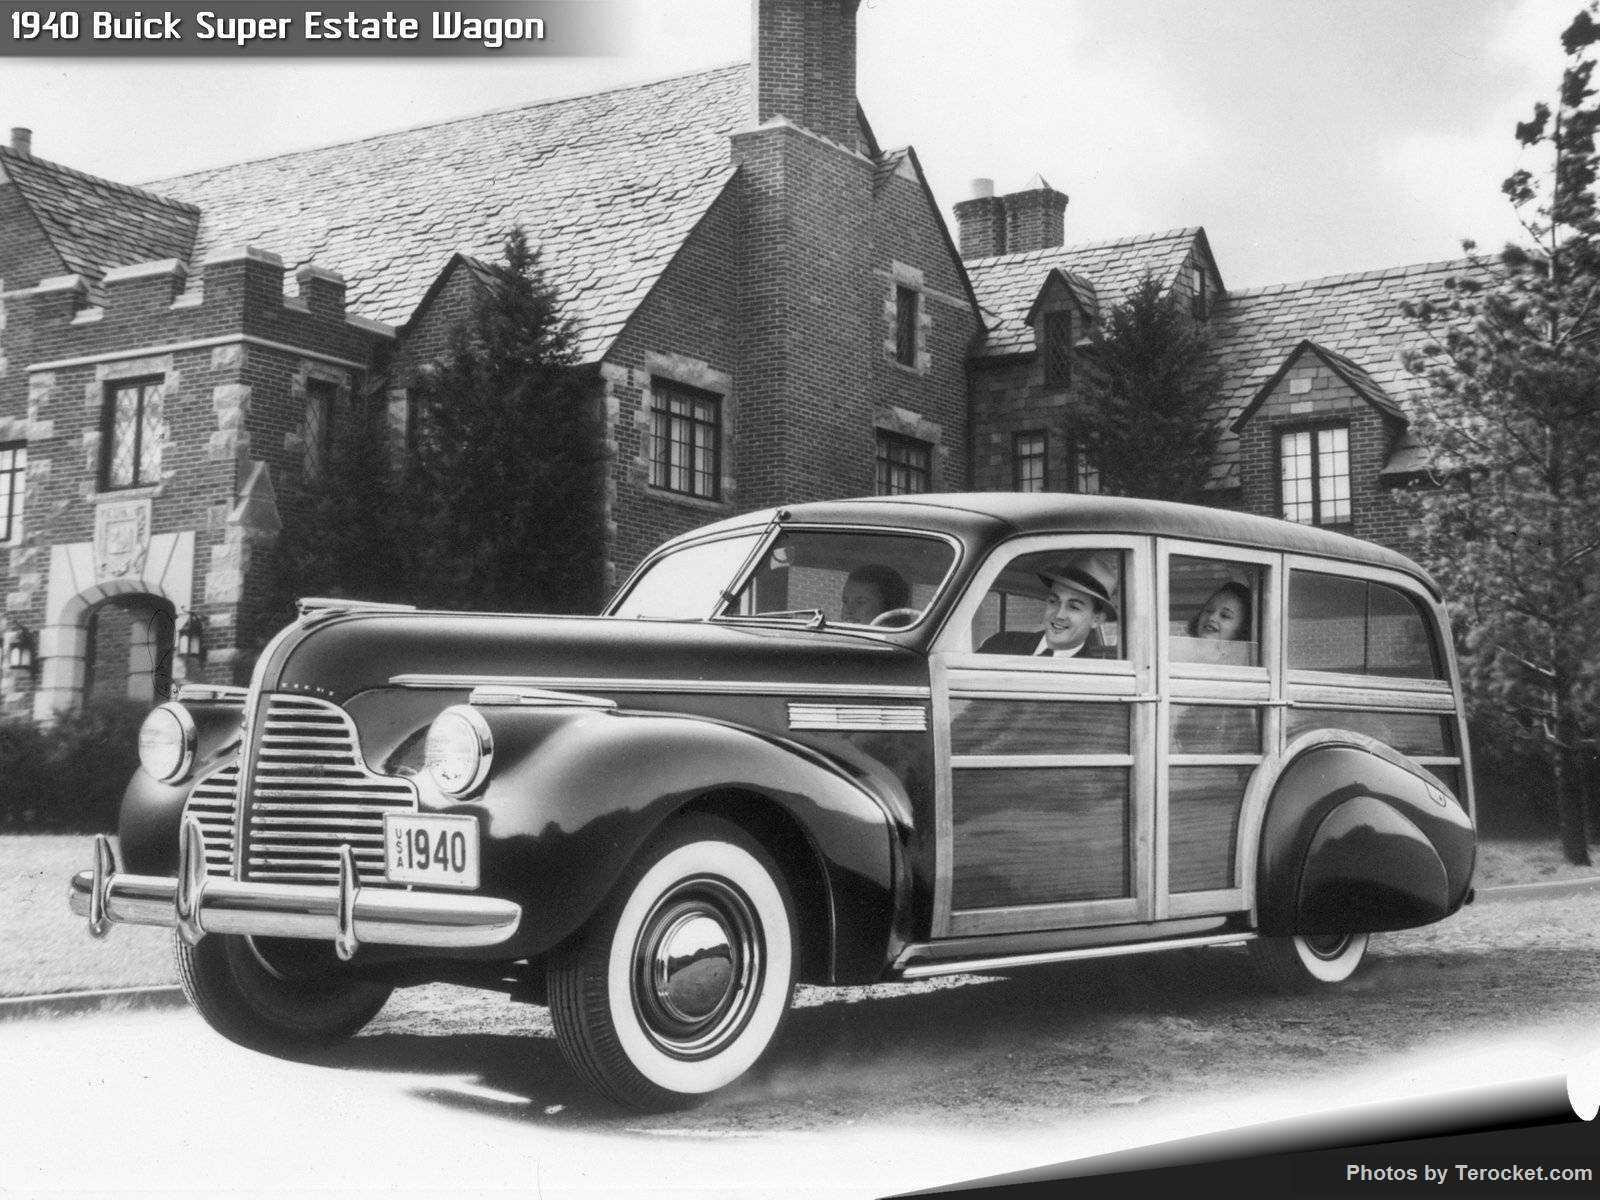 Hình ảnh xe ô tô Buick Super Estate Wagon 1940 & nội ngoại thất